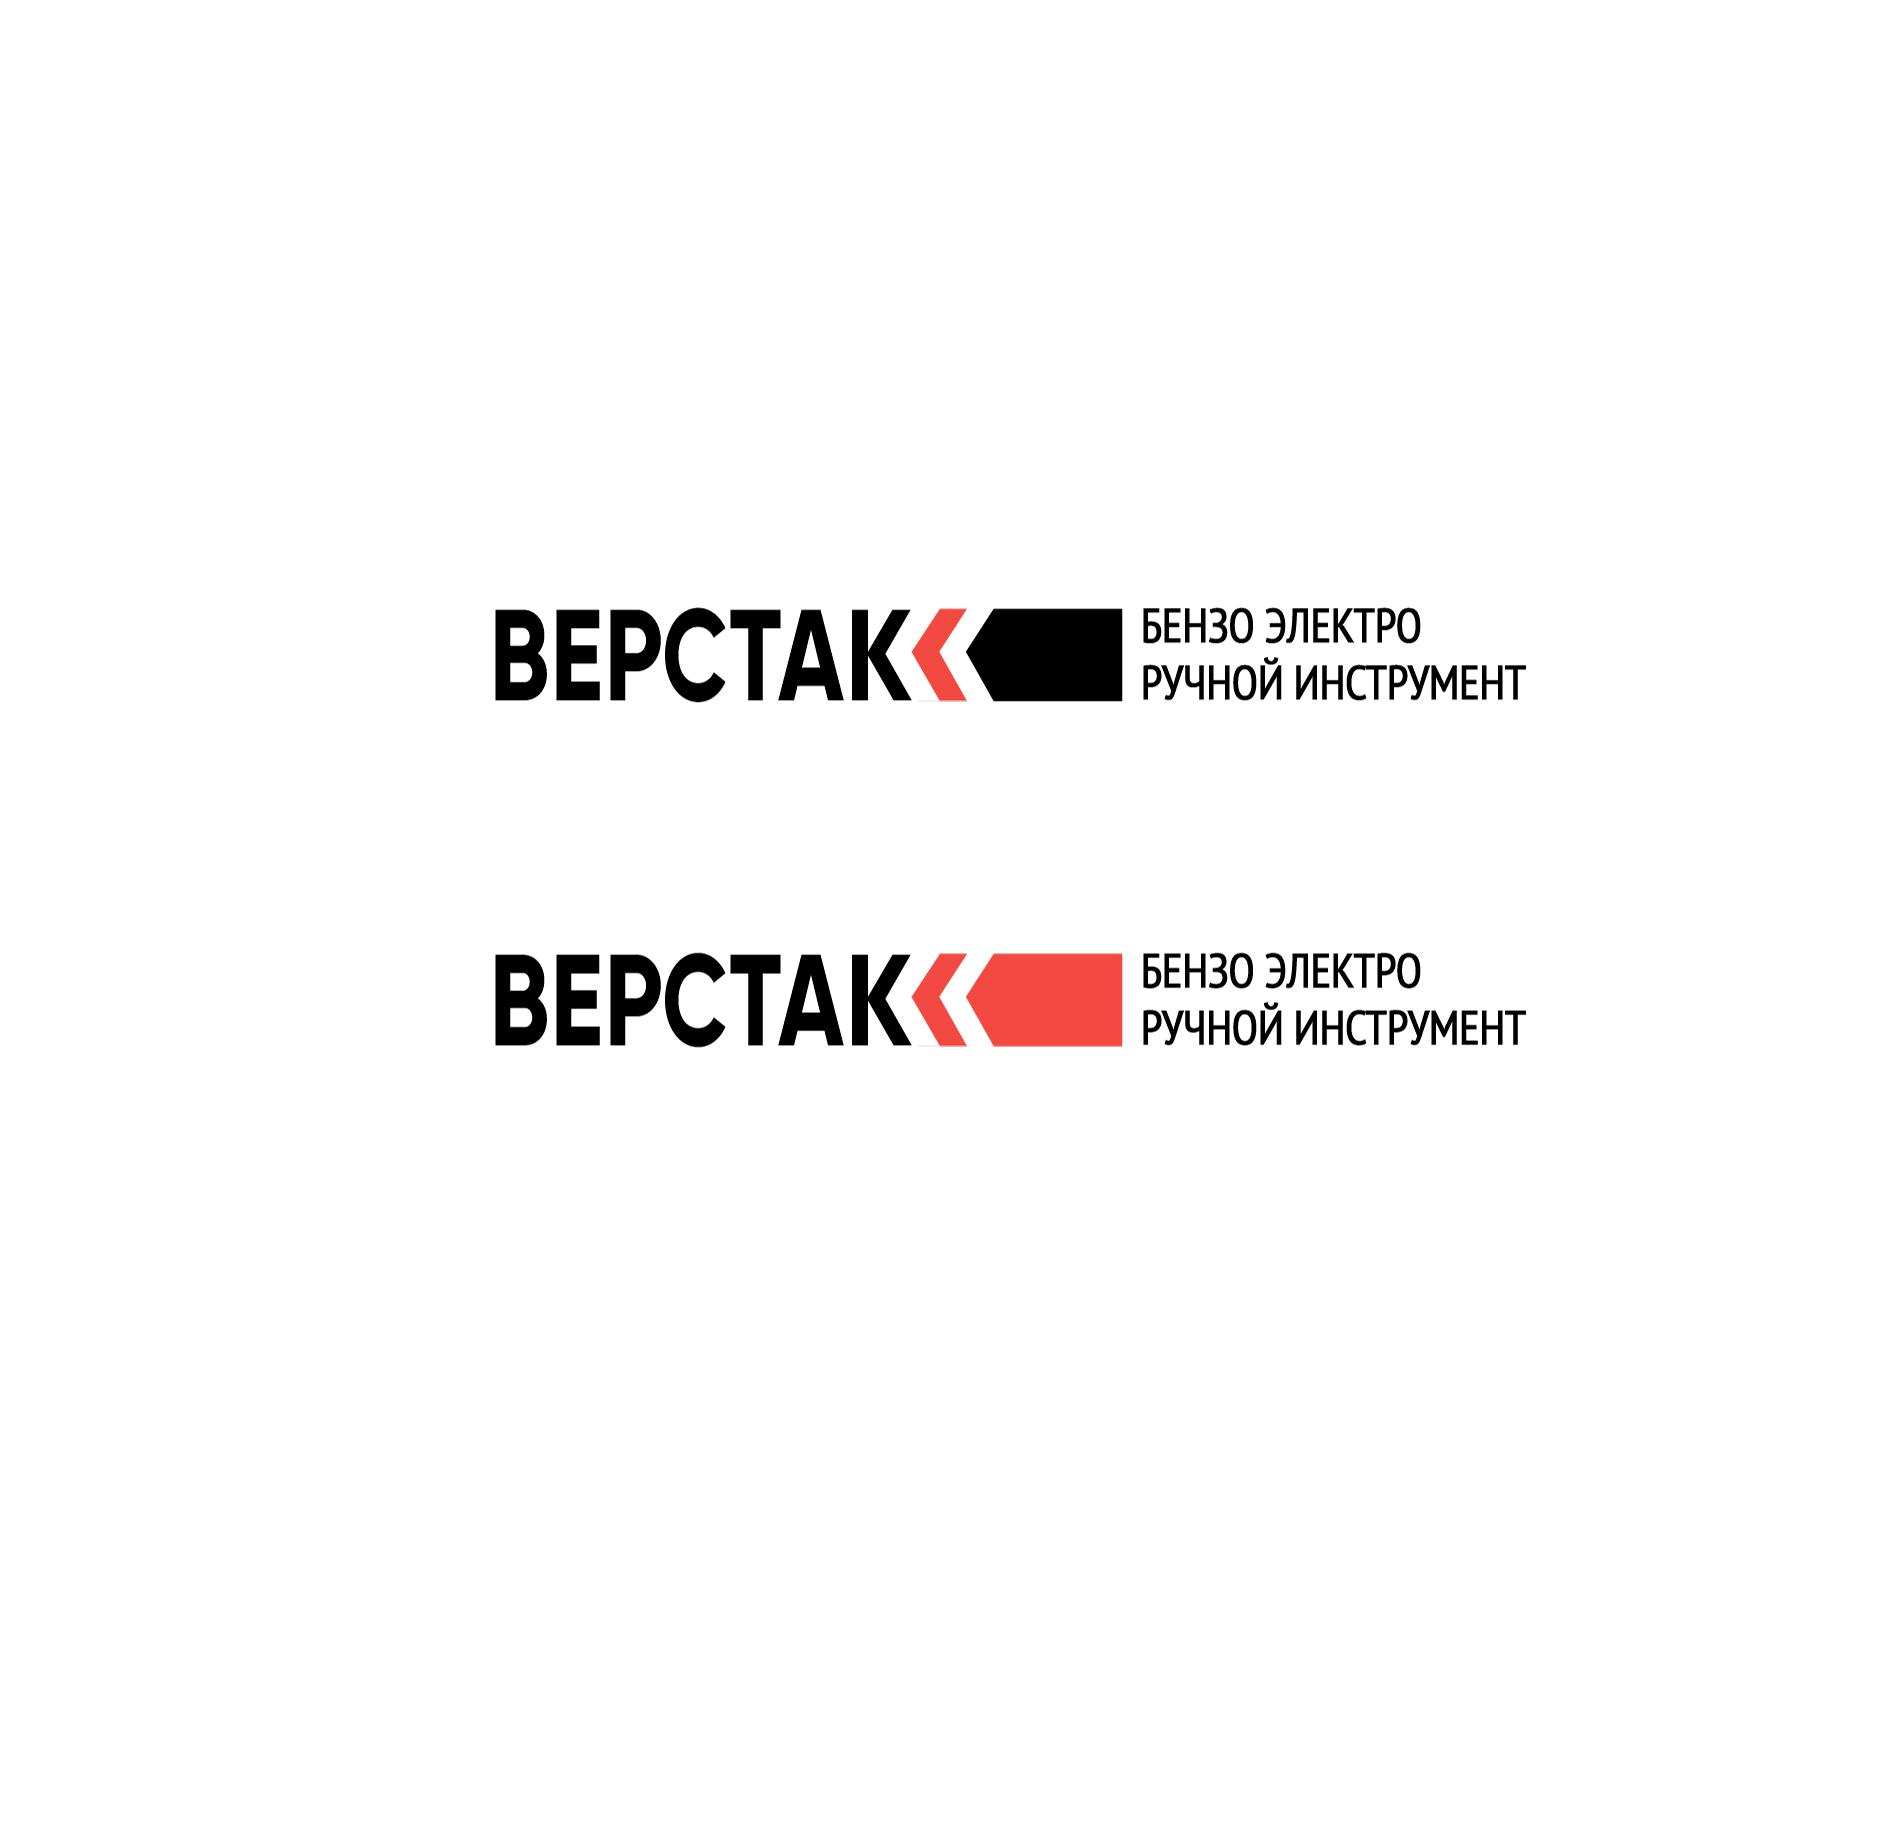 Логотип магазина бензо, электро, ручного инструмента фото f_5005a1070532db55.jpg